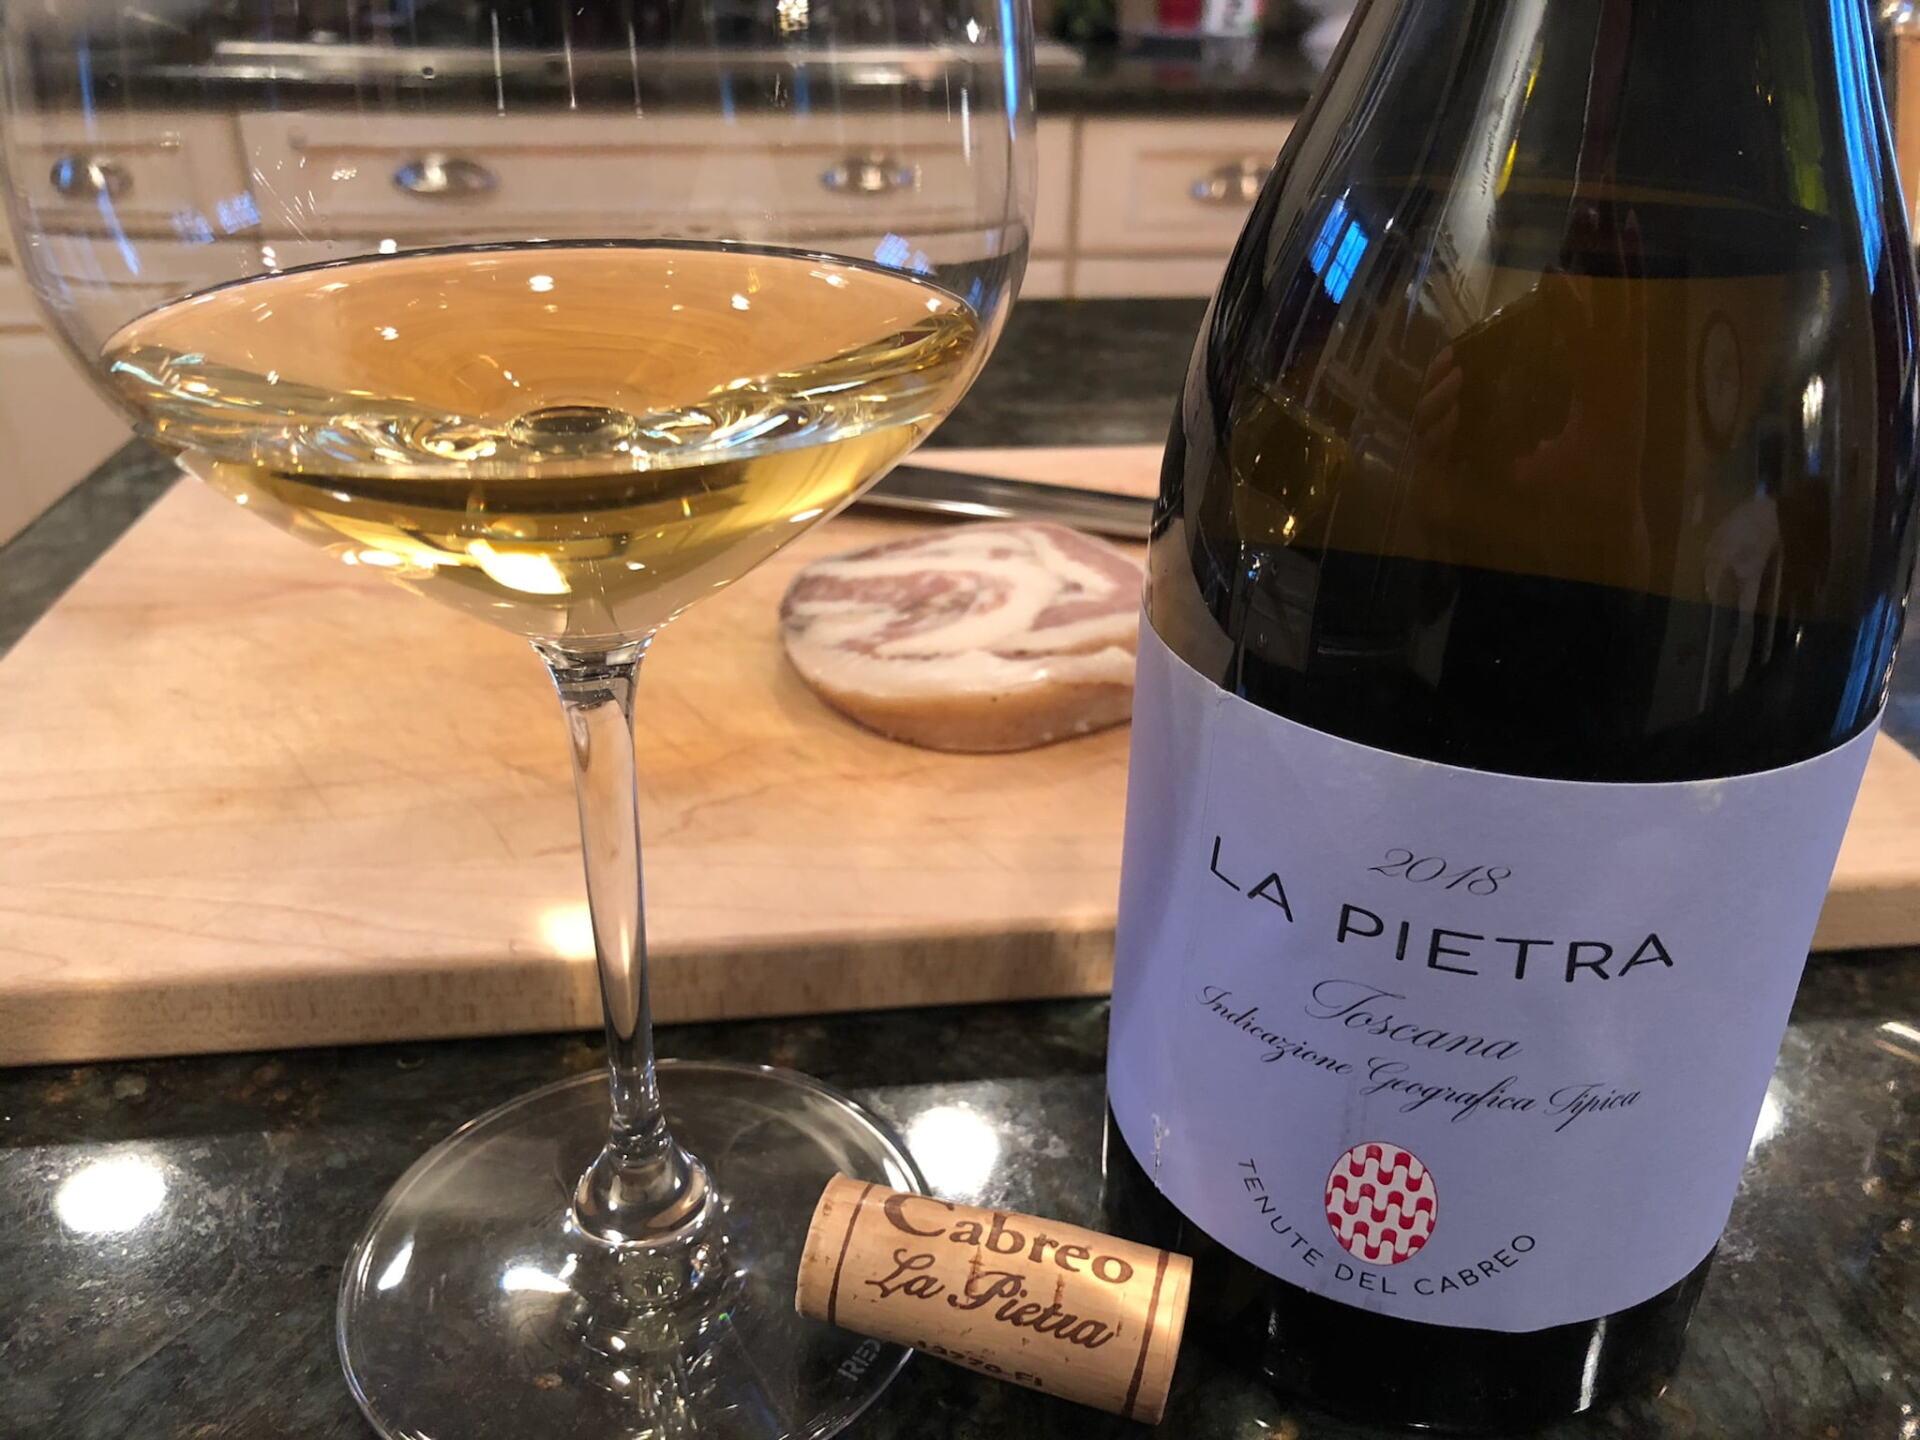 Tuscan Snips Chardonnay